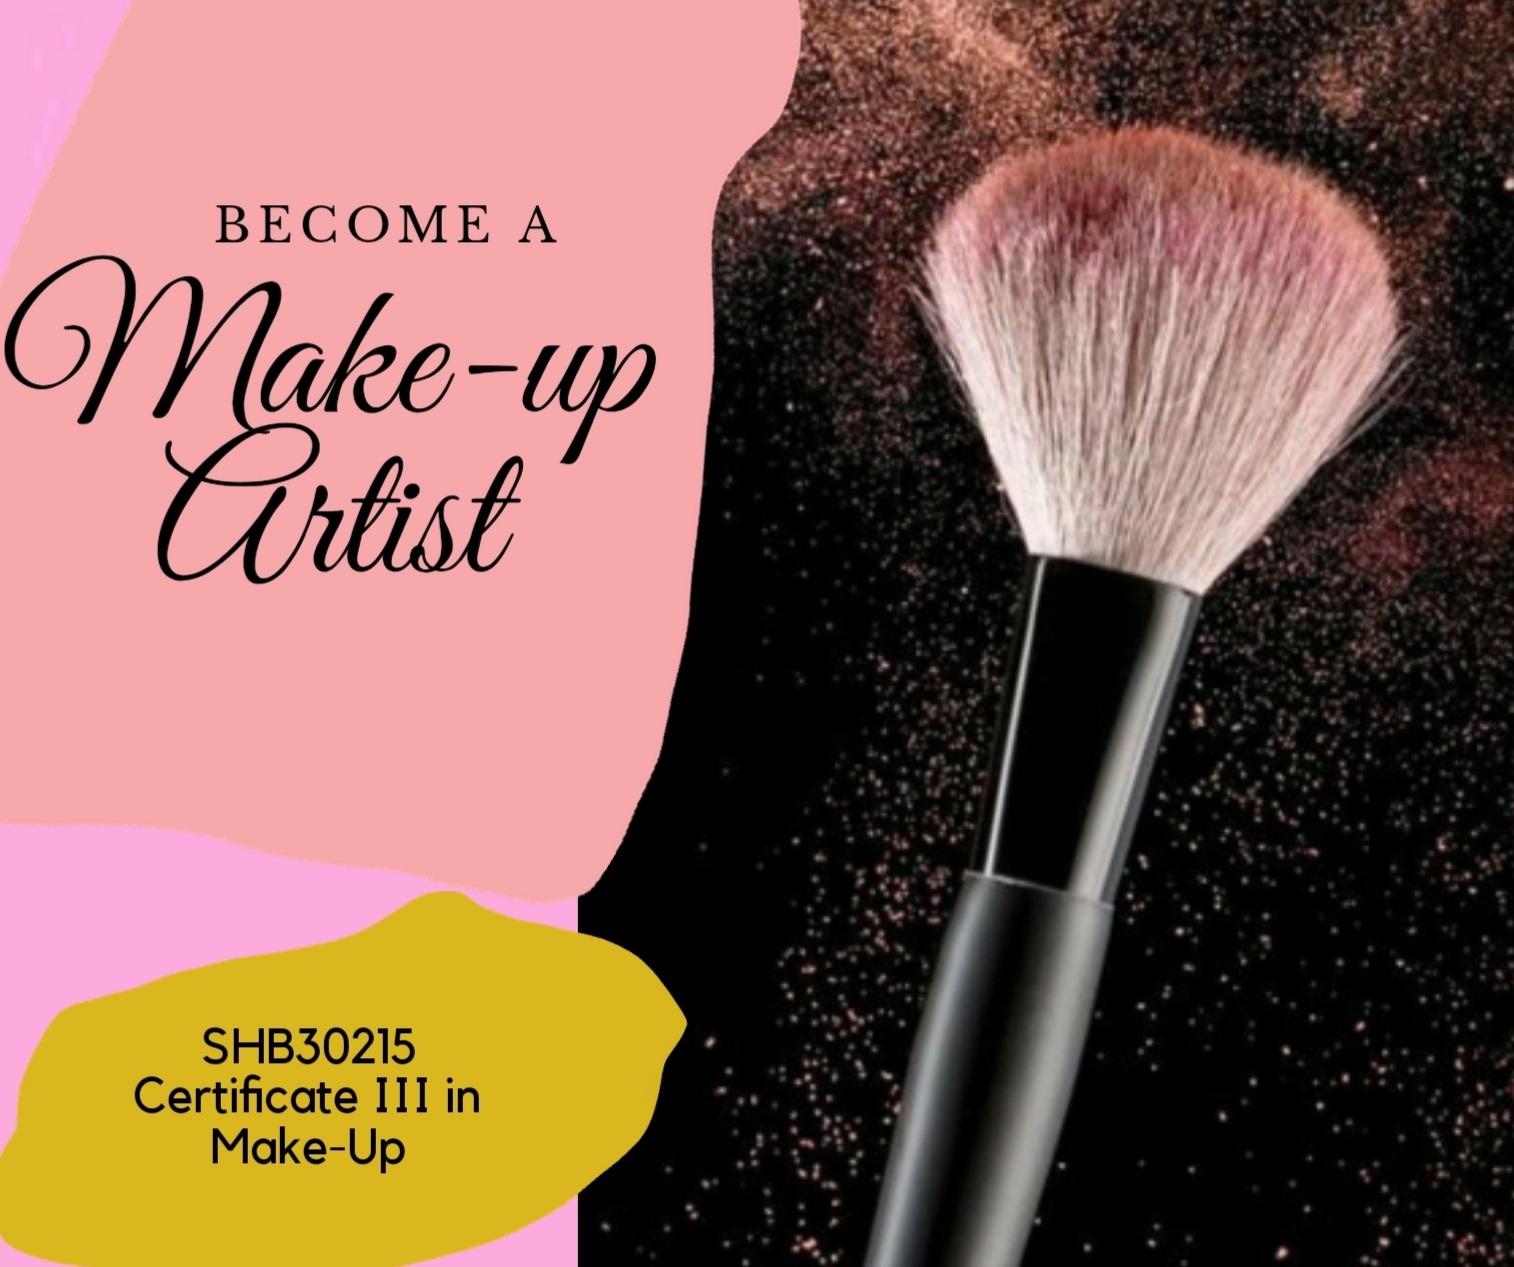 Certificate III in Make-Up